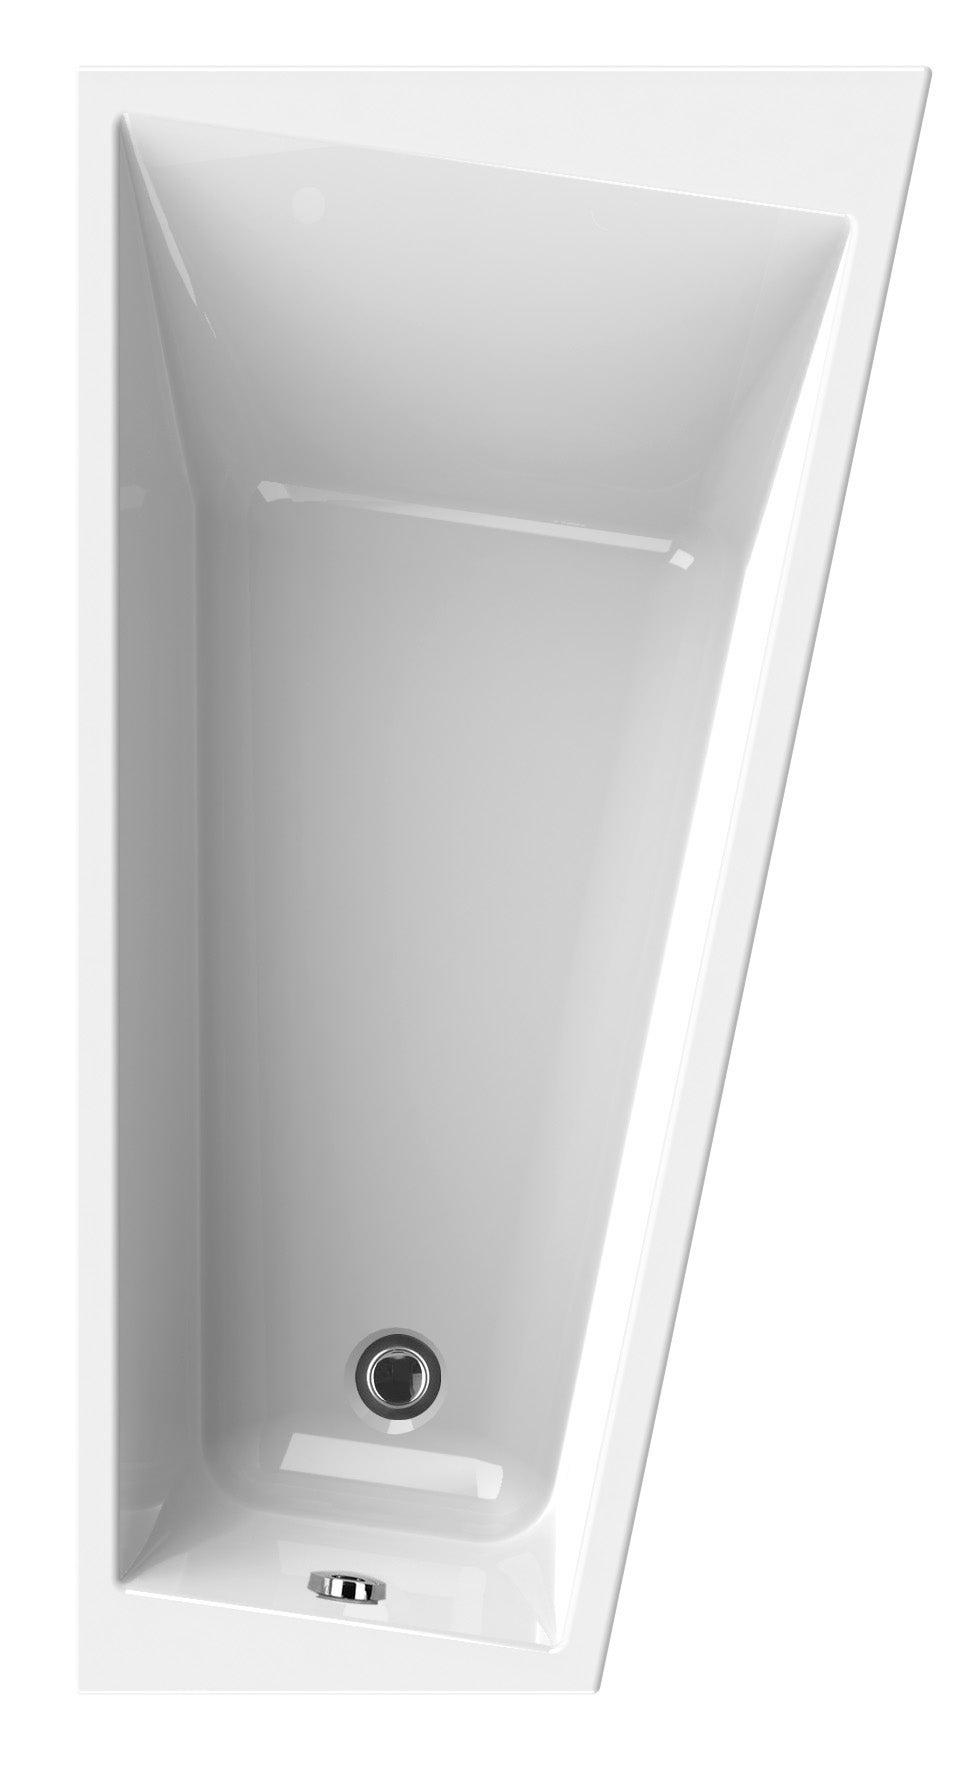 Baignoire Asymetrique Droite L 170x L 90 Cm Blanc Sensea Premium Design Leroy Merlin